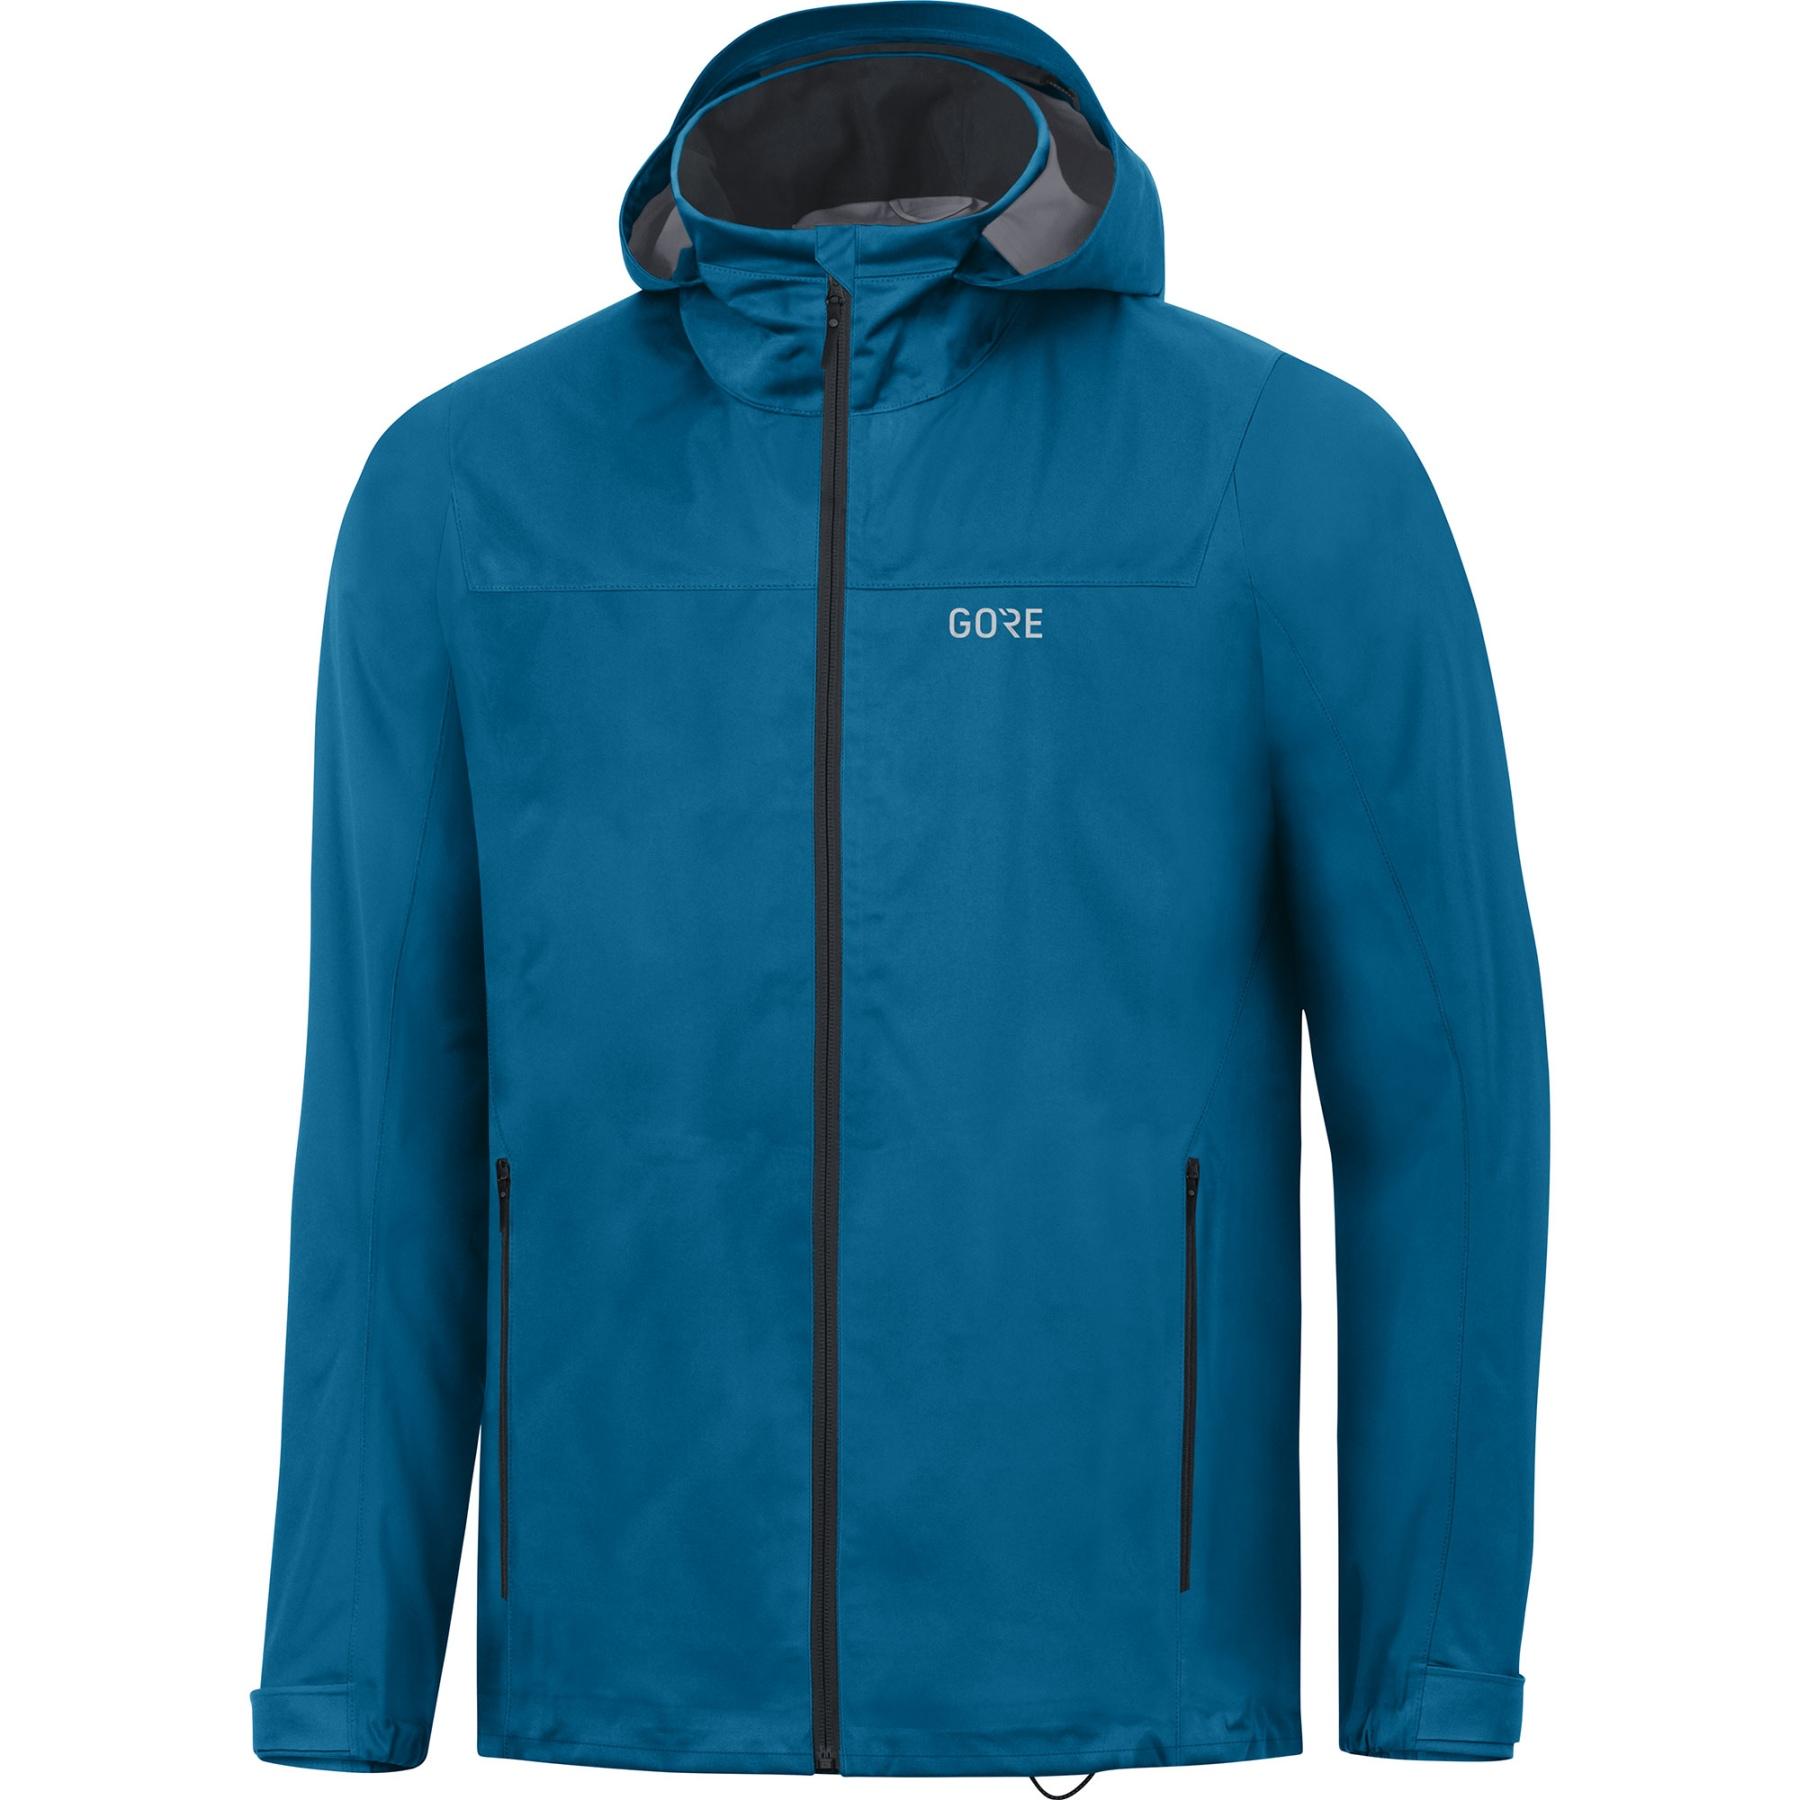 Produktbild von GORE Wear R3 GORE-TEX® Active Kapuzenjacke - sphere blue AZ00